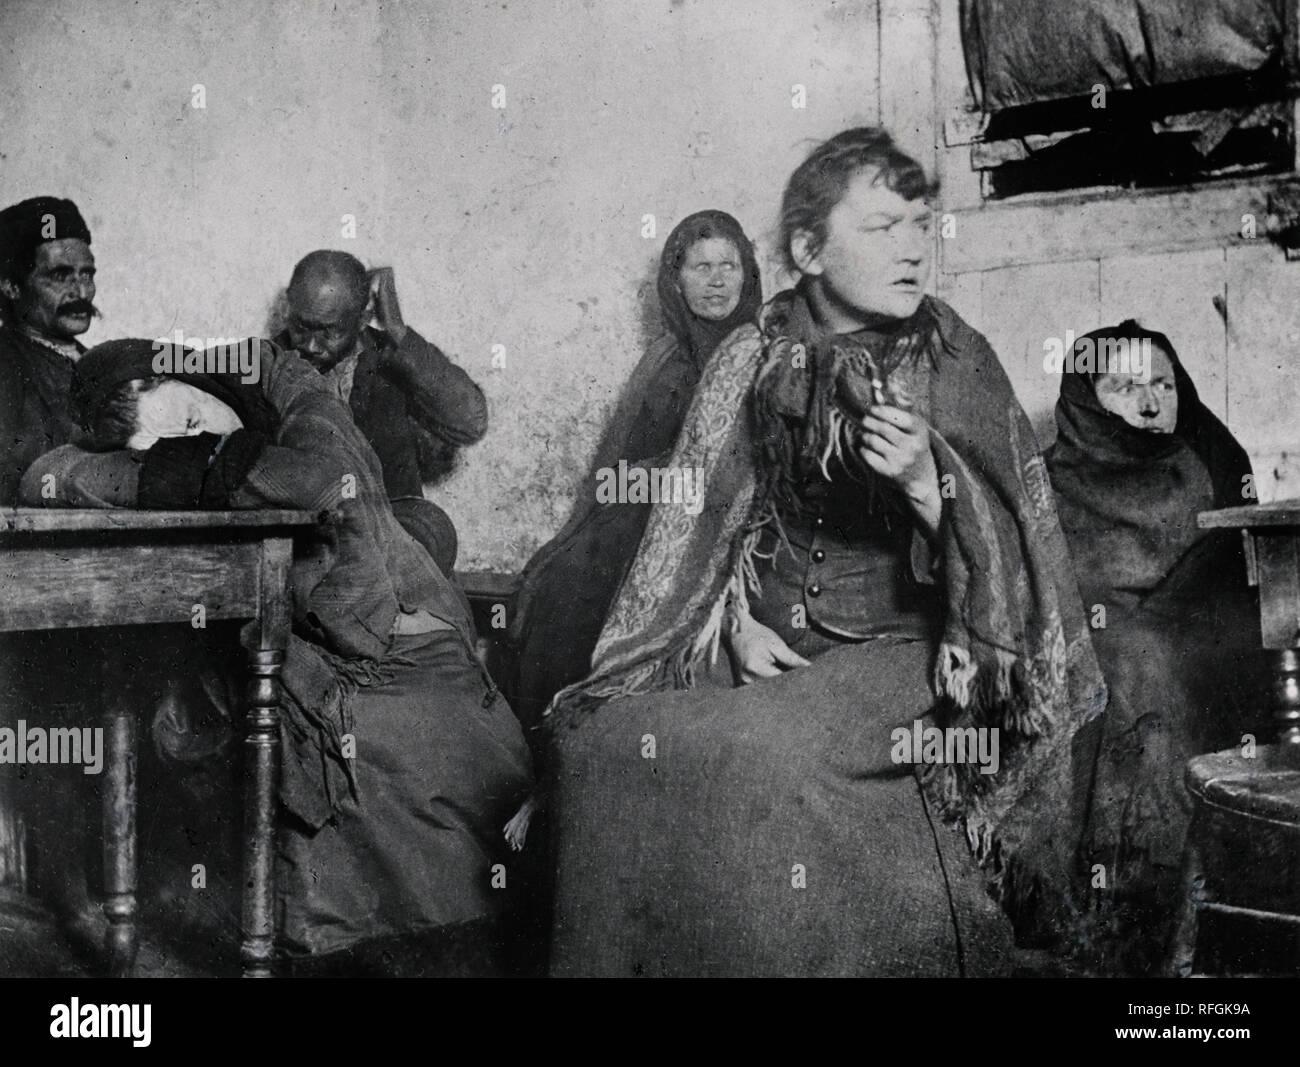 Hell on Earth, Jacob Riis.jpg - RFGK9A  - Stock Image